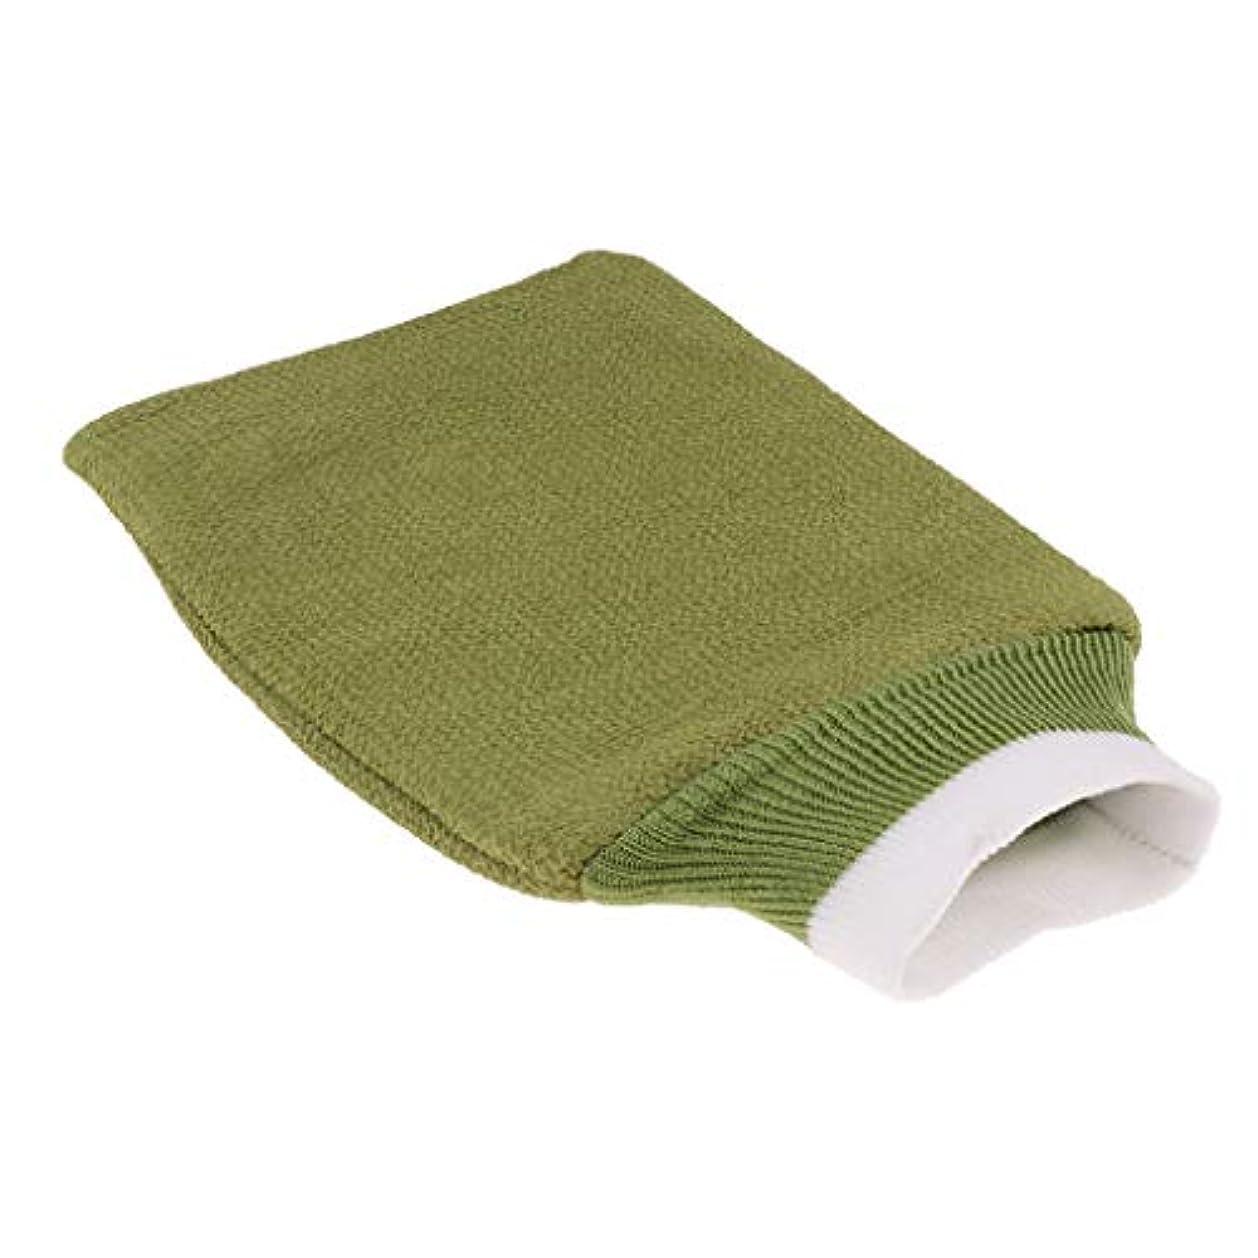 追い出すスペイン広告主Fenteer 全3色 浴用手袋 スパ泡風呂手袋 シャワーブラシ 泡立ち 毛穴清潔 角質除去 バス 洗える 男女兼用 - 緑